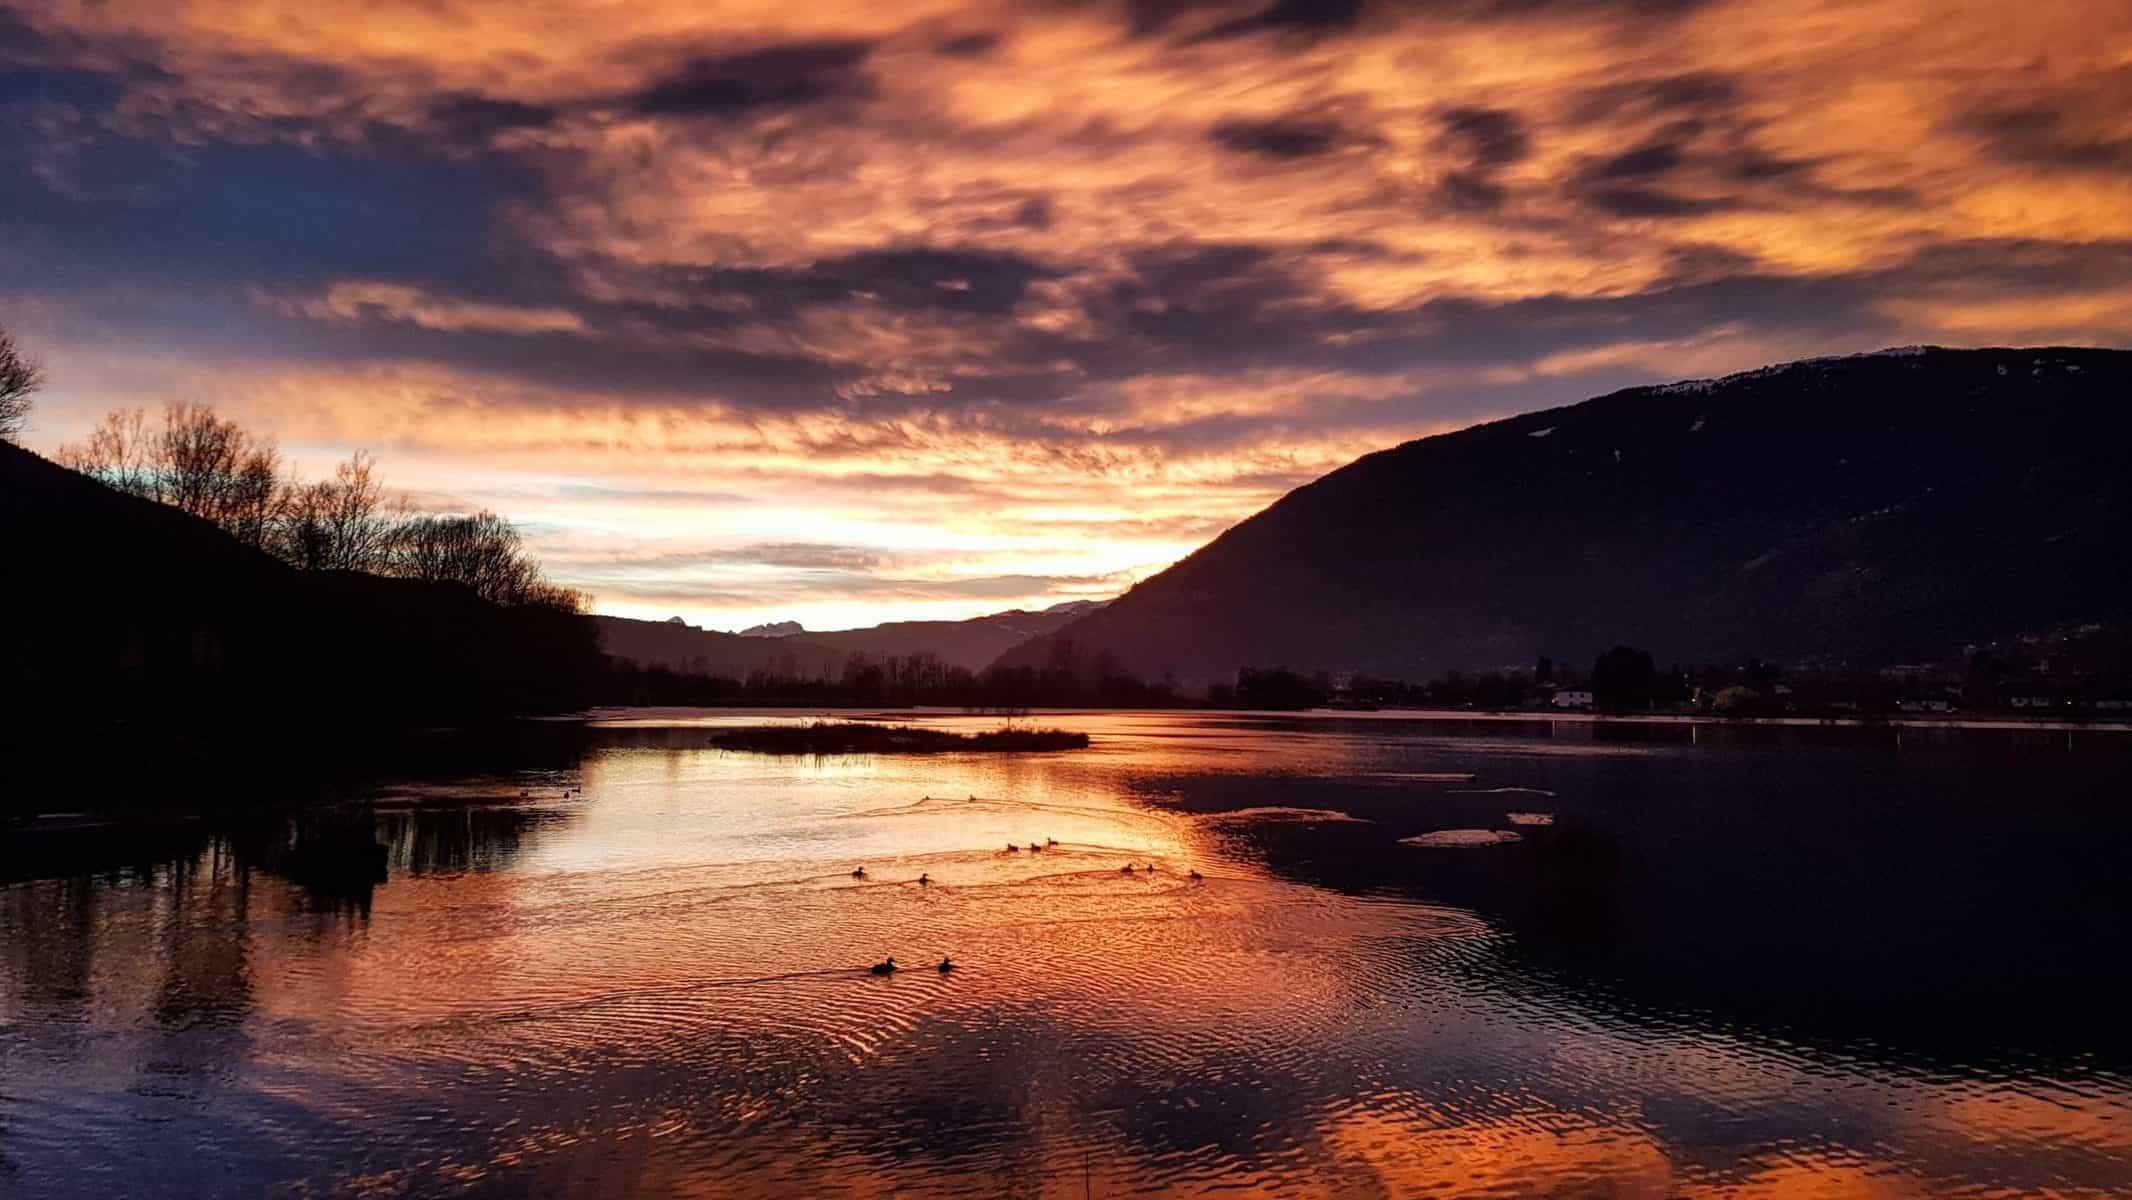 Rund um den Ossiacher See in Kärnten